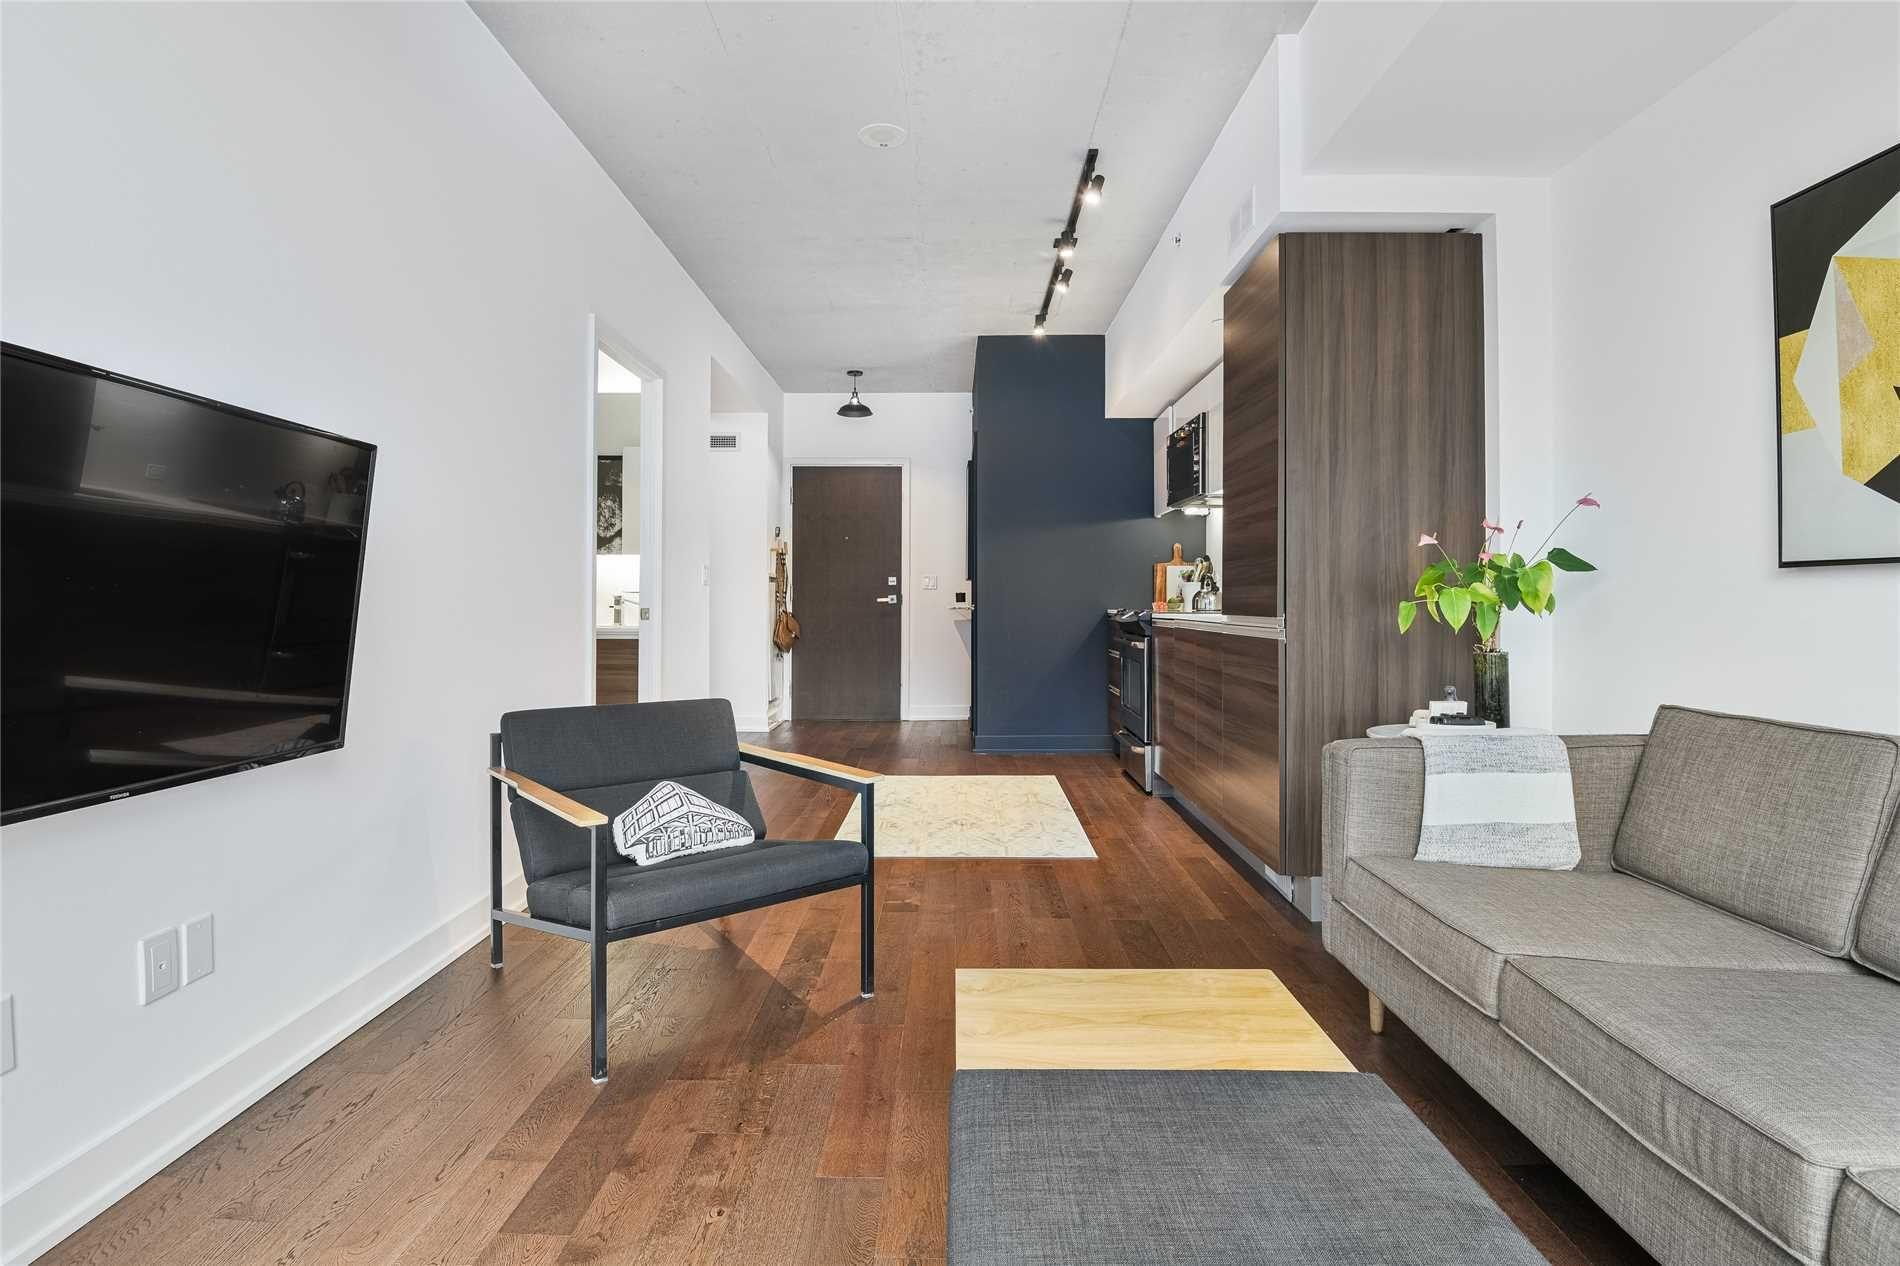 Photo 13: Photos: 910 1190 E Dundas Street in Toronto: South Riverdale Condo for sale (Toronto E01)  : MLS®# E4496416